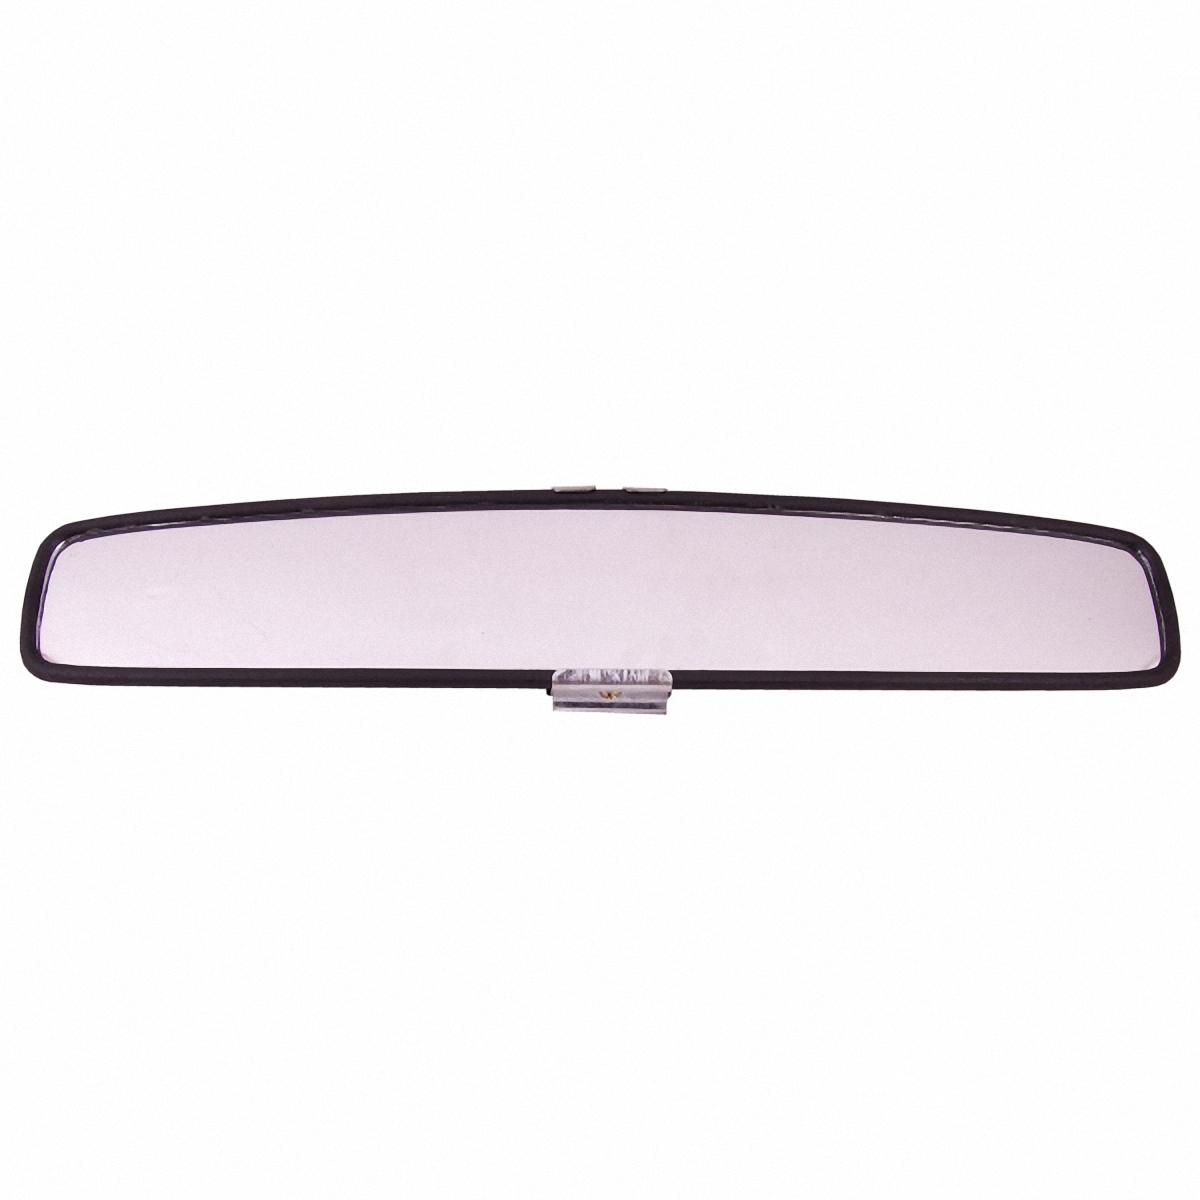 Зеркало внутрисалонное Skyway, панорамное, длина 33 смS01001005Панорамное зеркало Skyway изготовлено из ABS-пластика и высококлассного хромированного стекла. Позволяет водителю видеть предметы, находящиеся за автомобилем, значительно расширяя обзор и снижая риск аварийноопасных ситуаций. Конструкция внутрисалонного панорамного зеркала Skyway спроектирована таким образом, чтобы оно расширяло зону заднего обзора, захватывая слепые зоны. Высококлассное хромированное стекло снизит риск ослепления и избавит от раздвоенных изображений. Легкий вес и тонкая конструкция. Зеркало заднего вида Skyway просто в установке и подходит для всех моделей автомобилей.